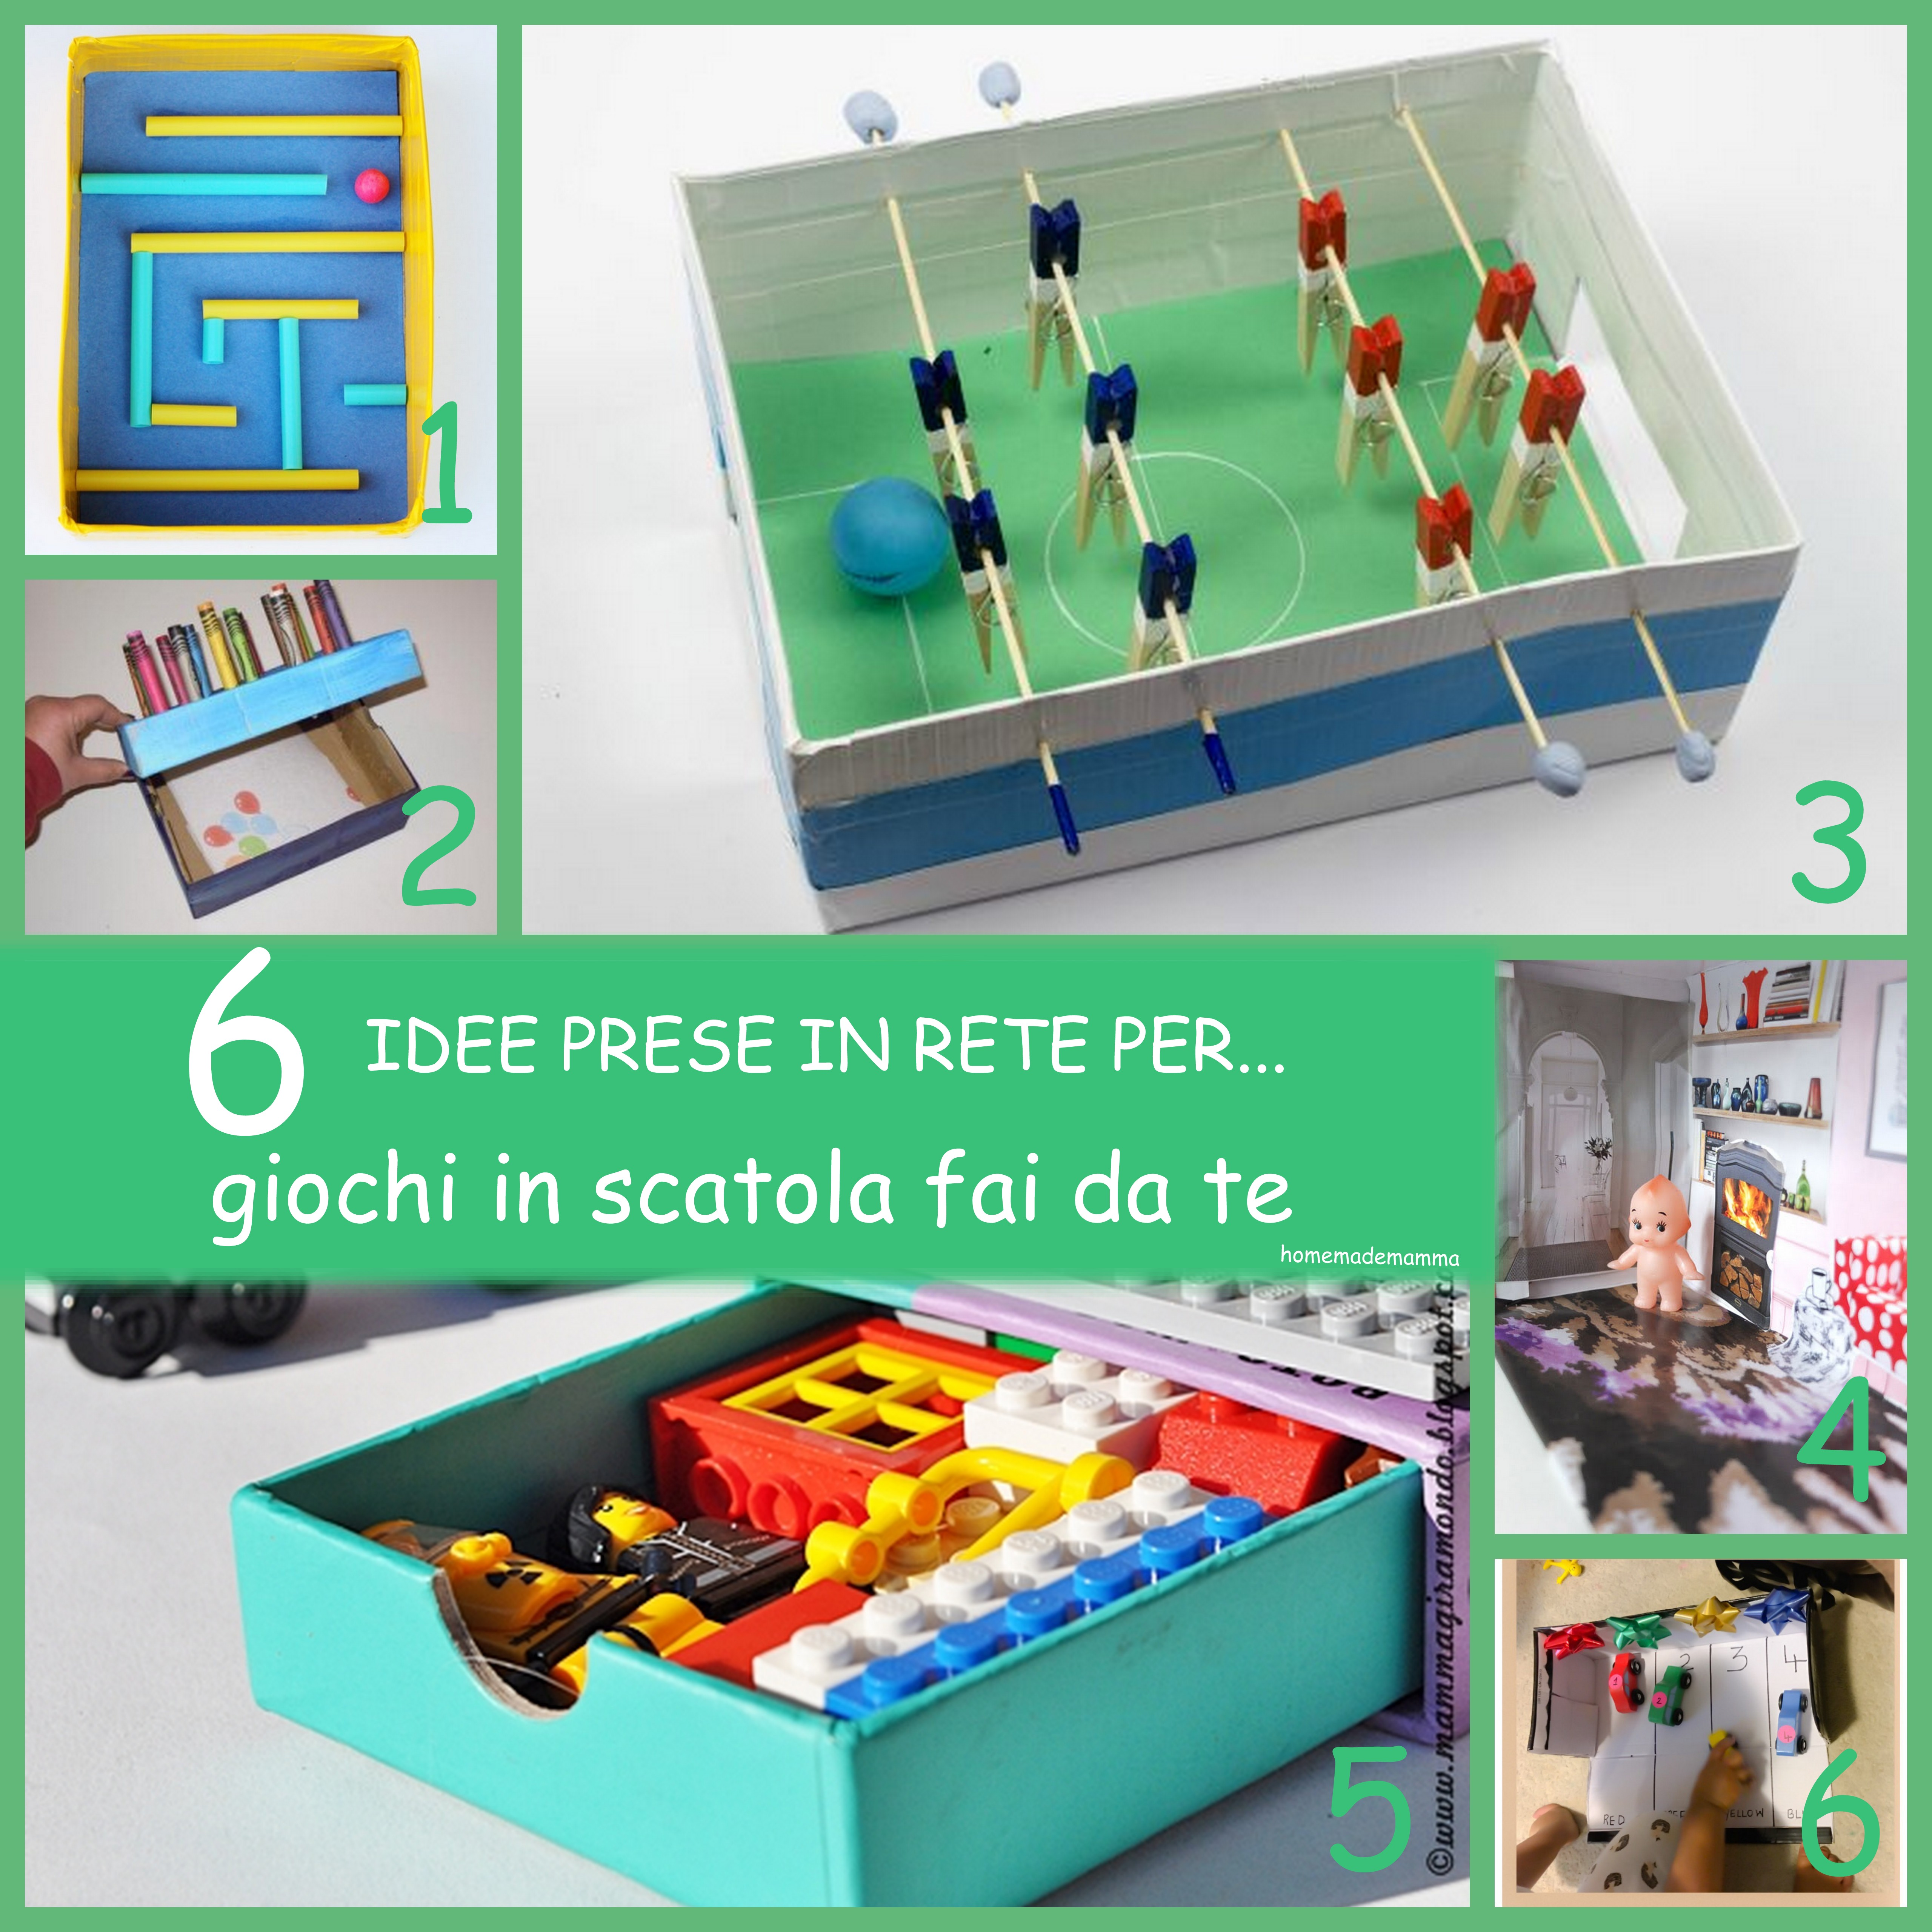 Idee Garage Fai Da Te 6 idee prese in rete per… giochi in scatola fai da te